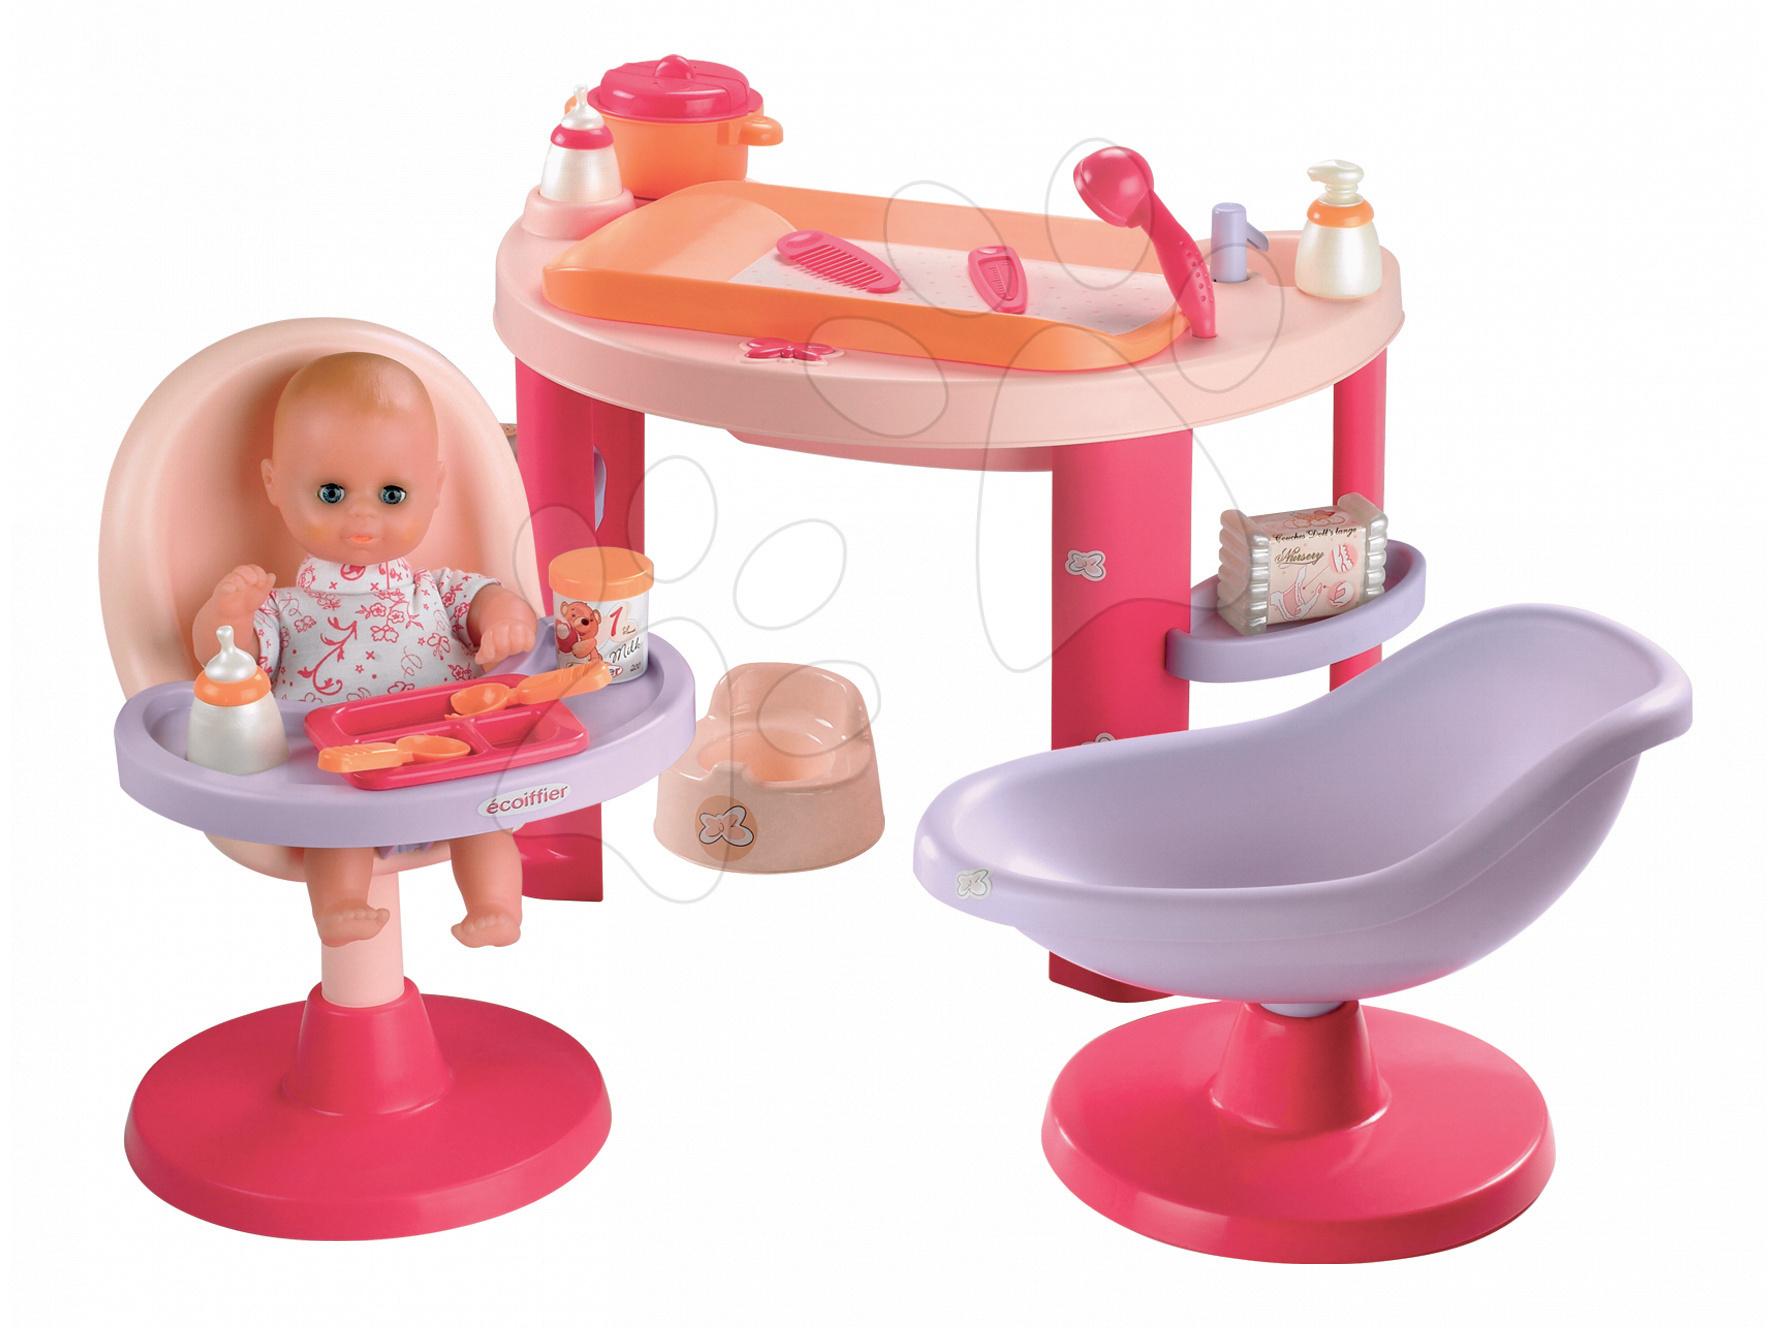 Pečovatelské centrum pro panenky - Stůl na přebalování panenky Nursery 3v1 Écoiffier s křeslem a židlí od 18 měsíců